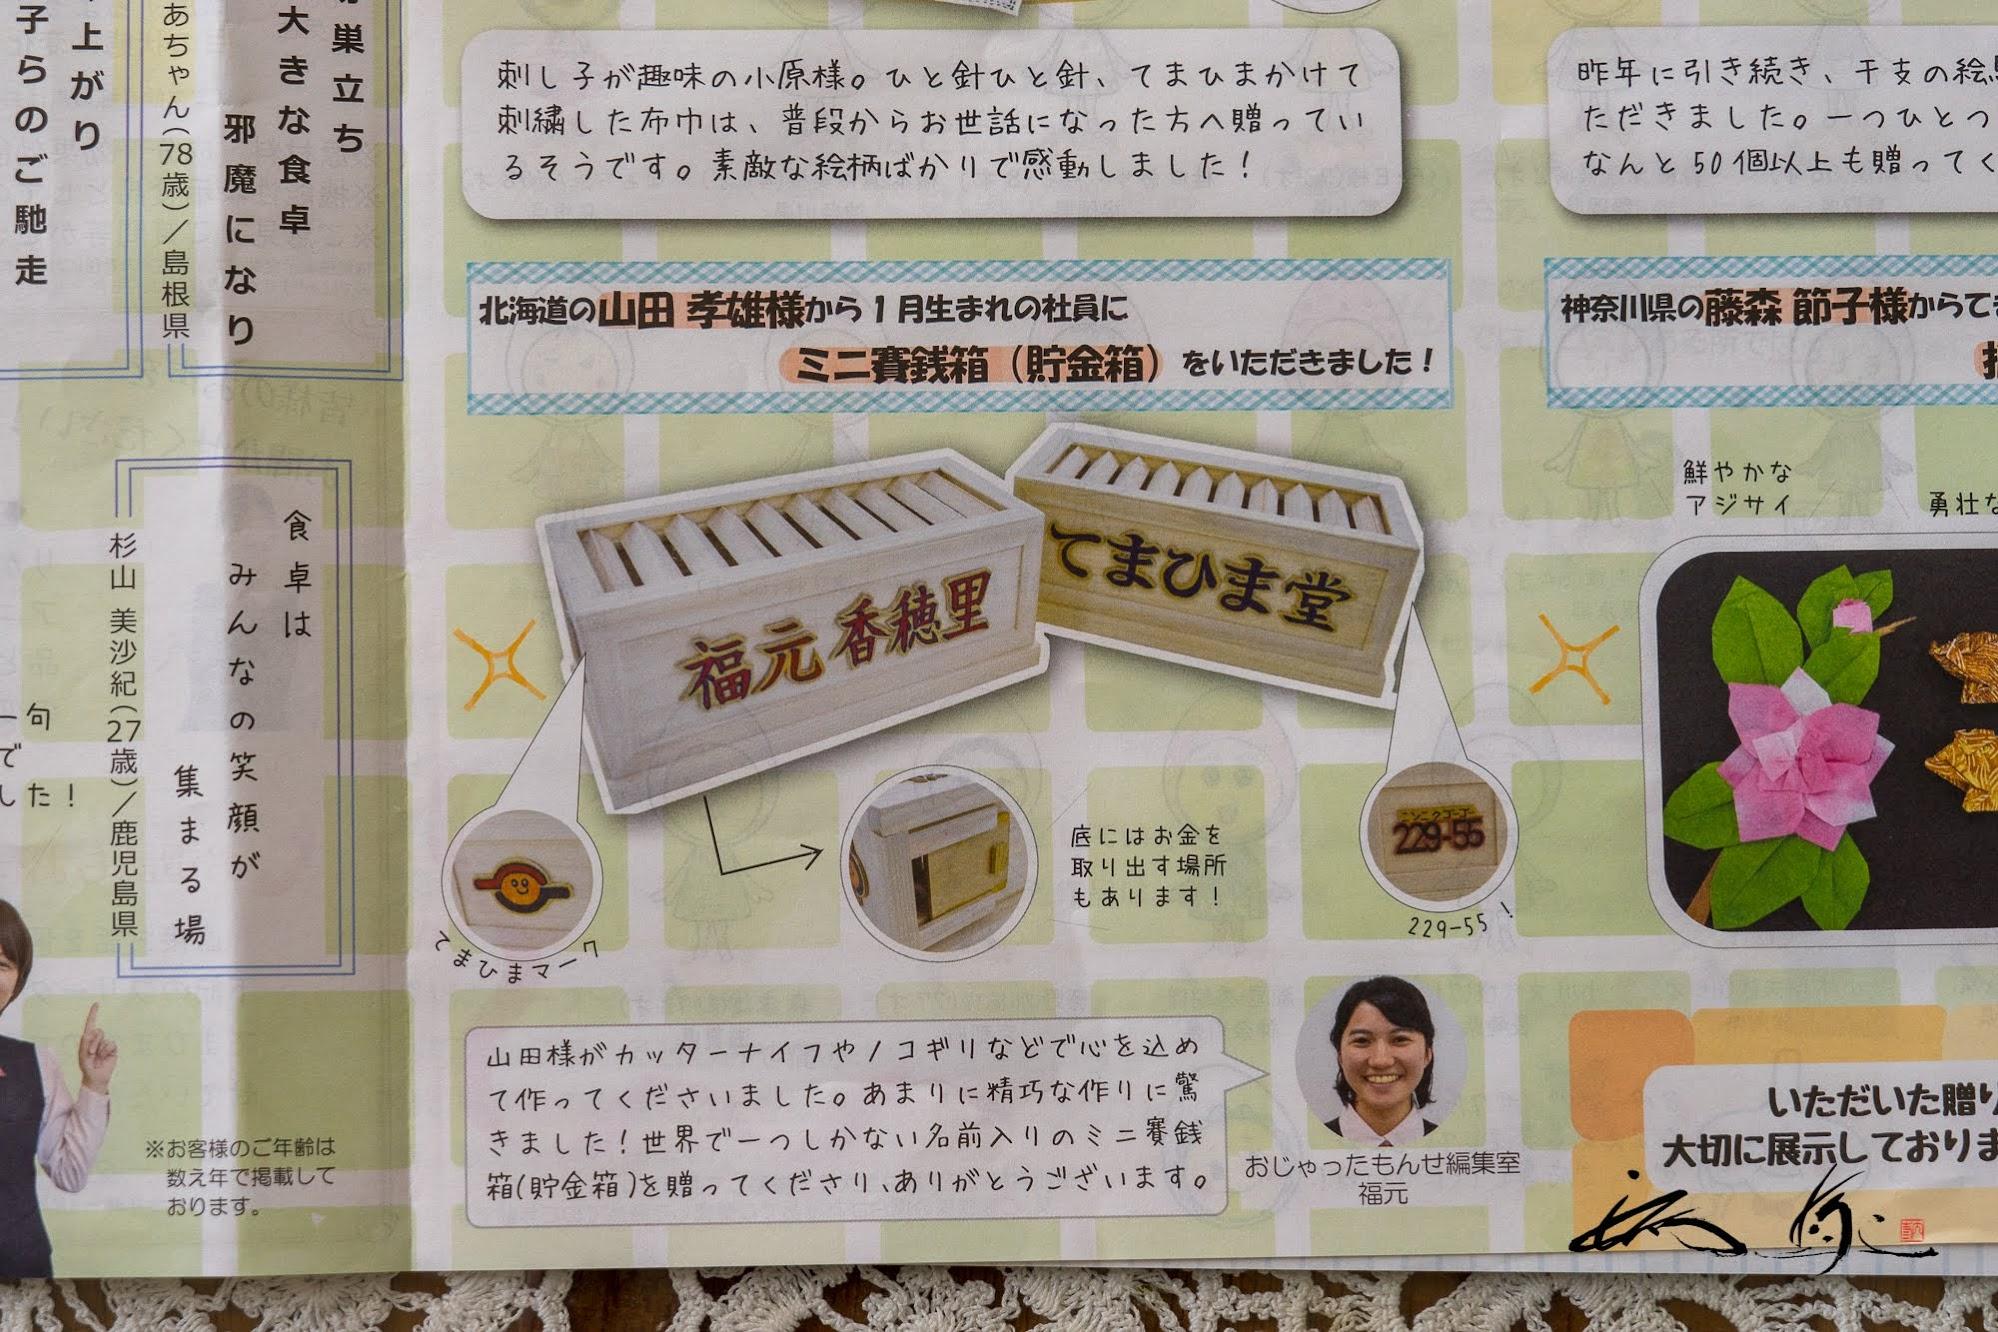 てまひま堂贈呈のミニ賽銭箱